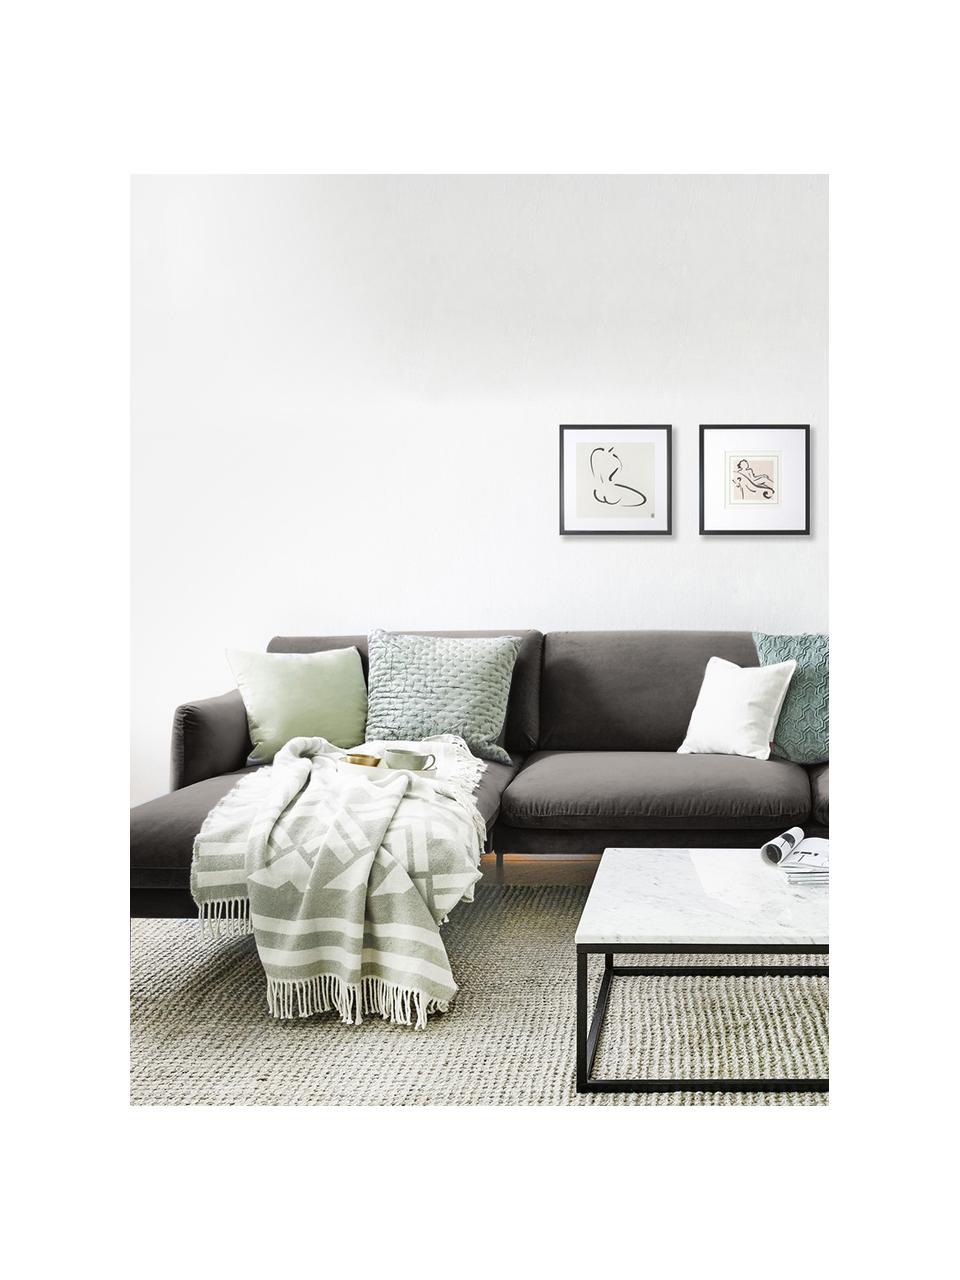 Divano angolare in velluto grigio marrone Moby, Rivestimento: velluto (rivestimento in , Struttura: legno di pino massiccio, Velluto grigio marrone, Larg. 280 x Prof. 160 cm